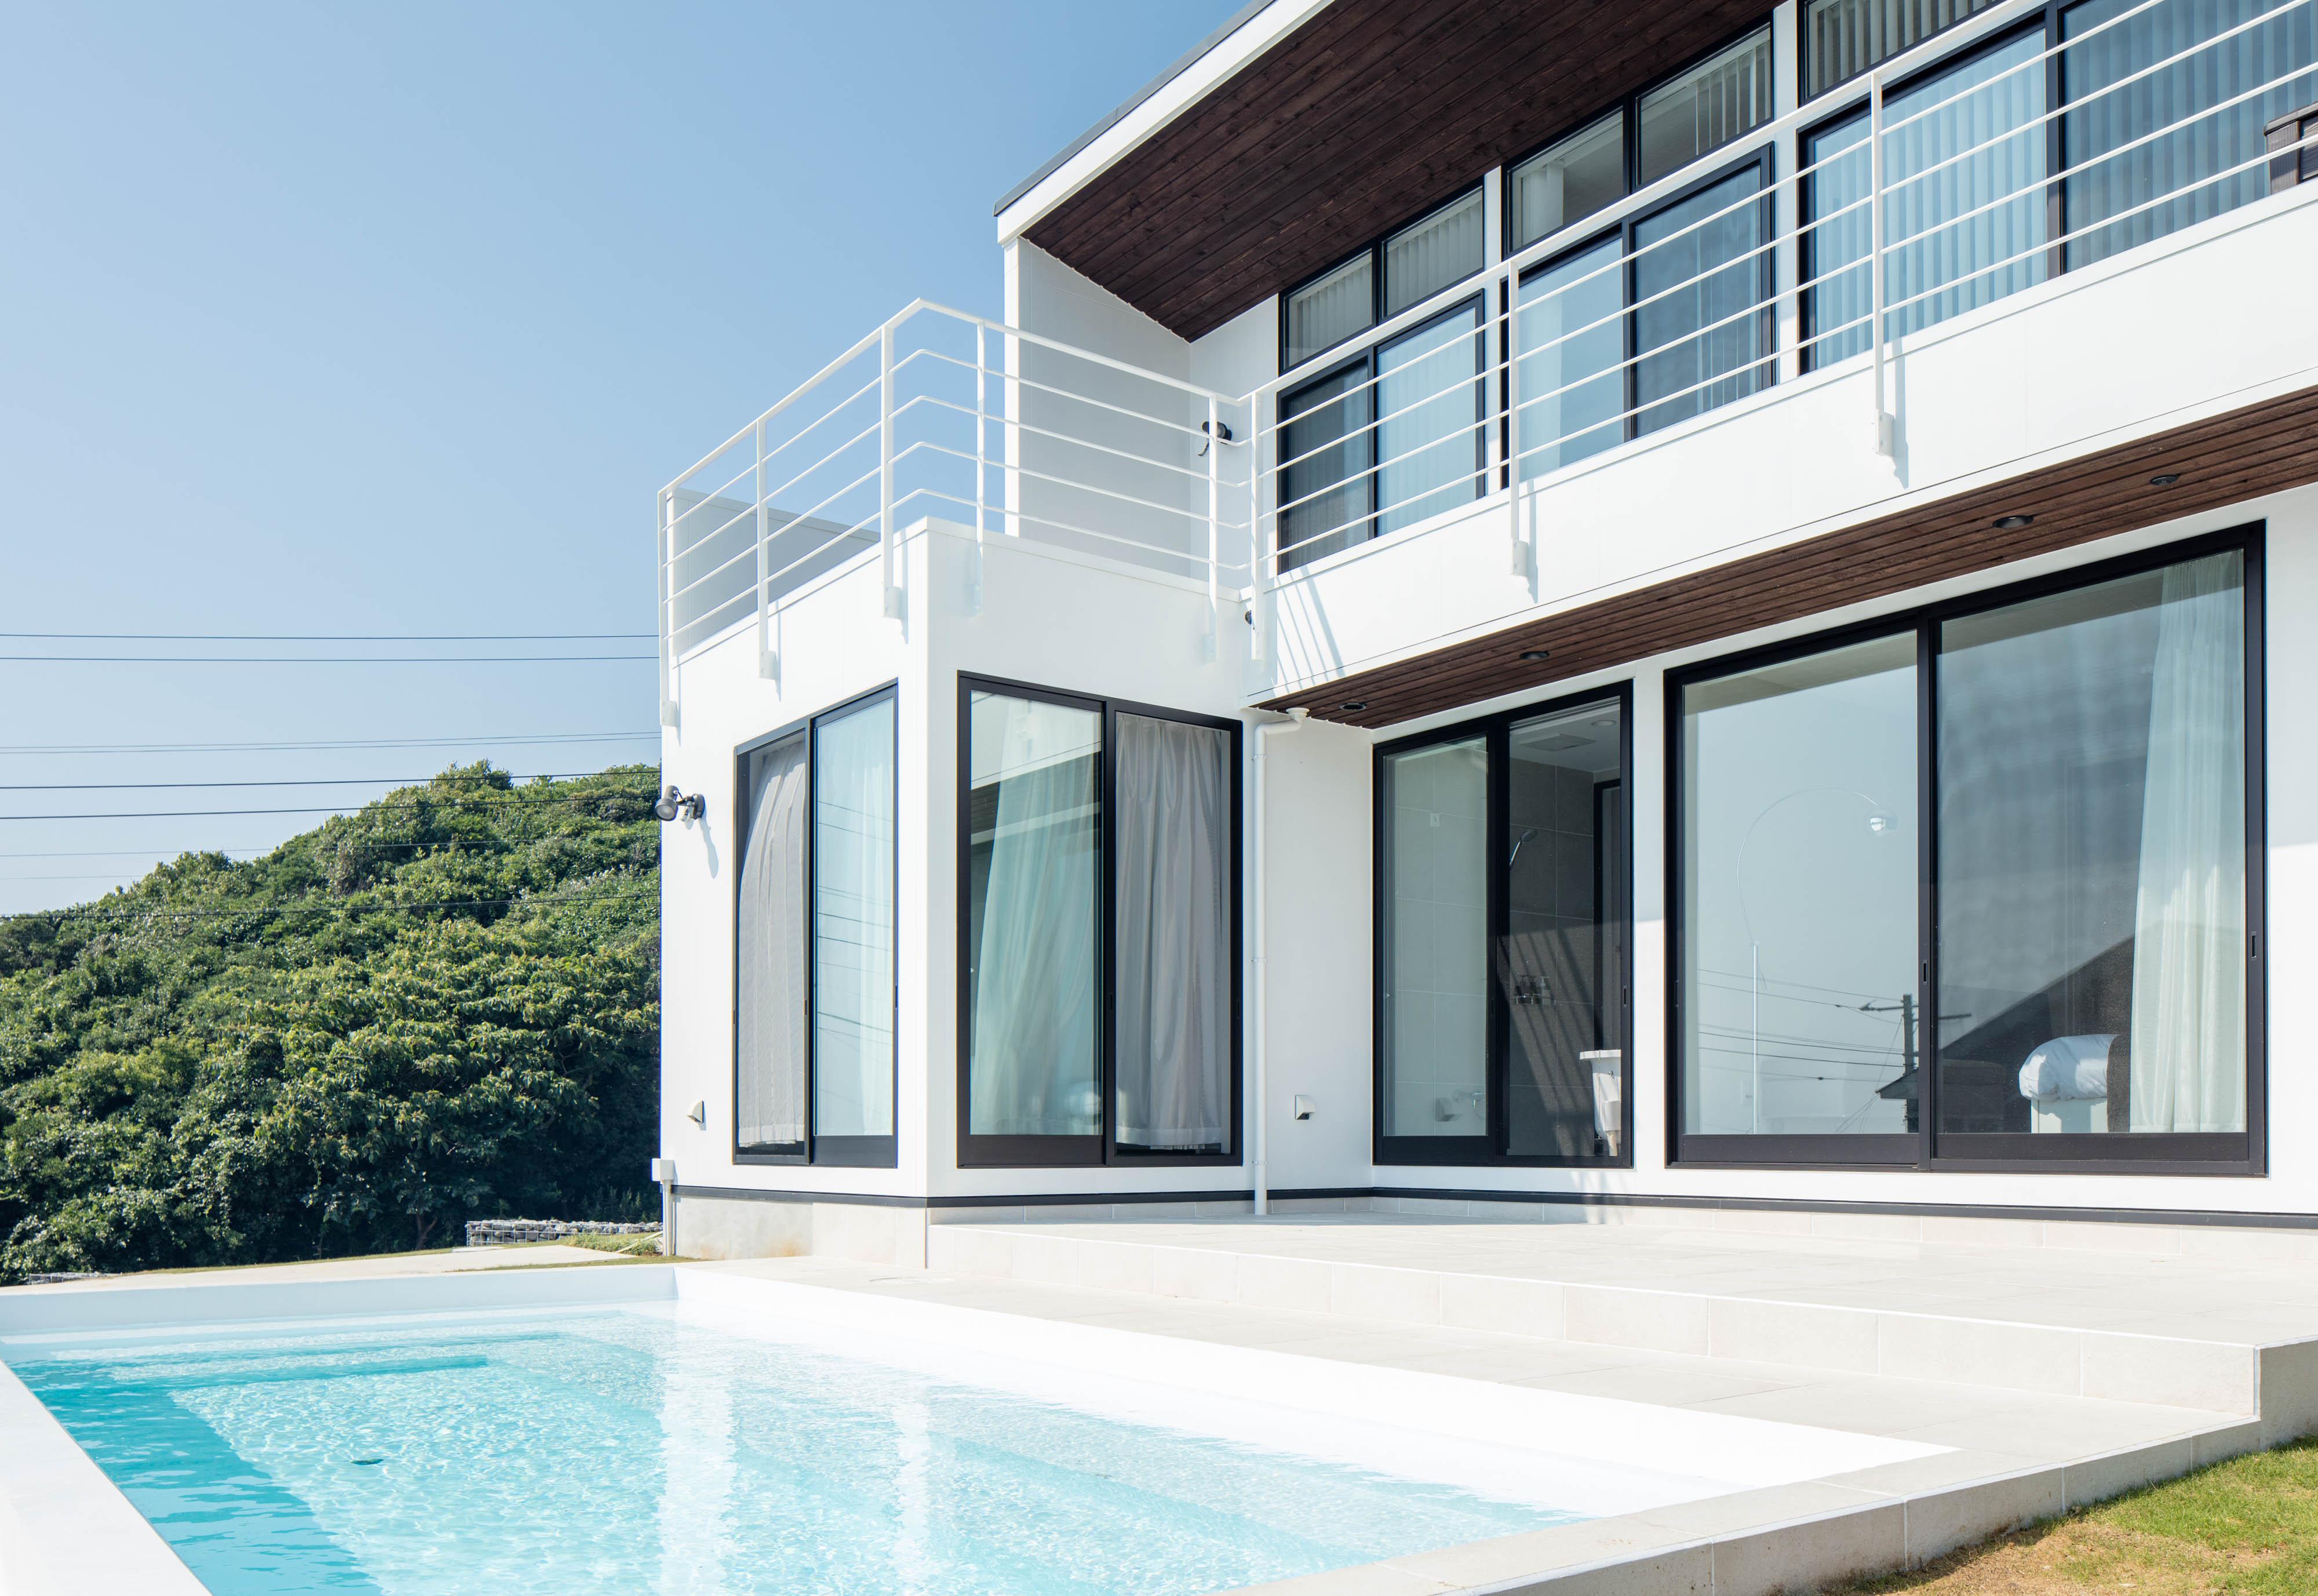 外観とプール / Exterior and Pool